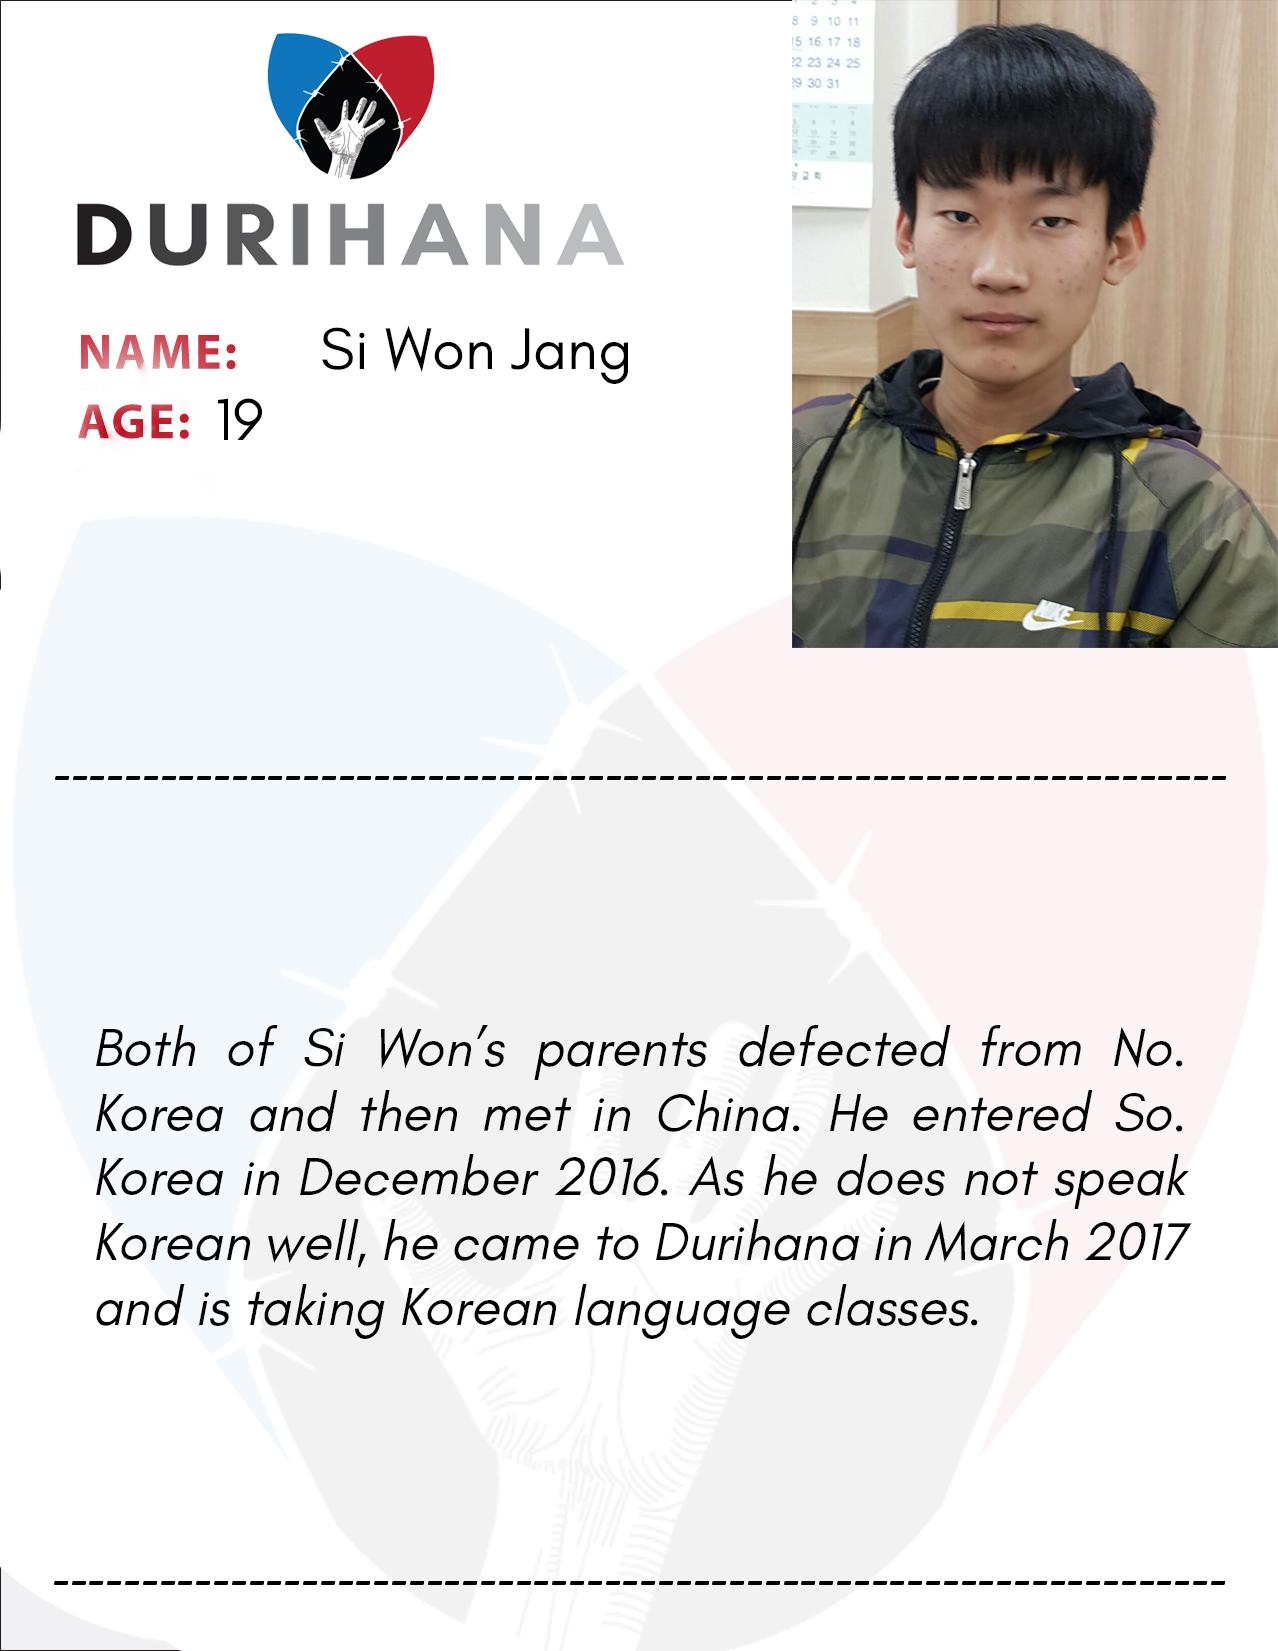 Si Won Jang